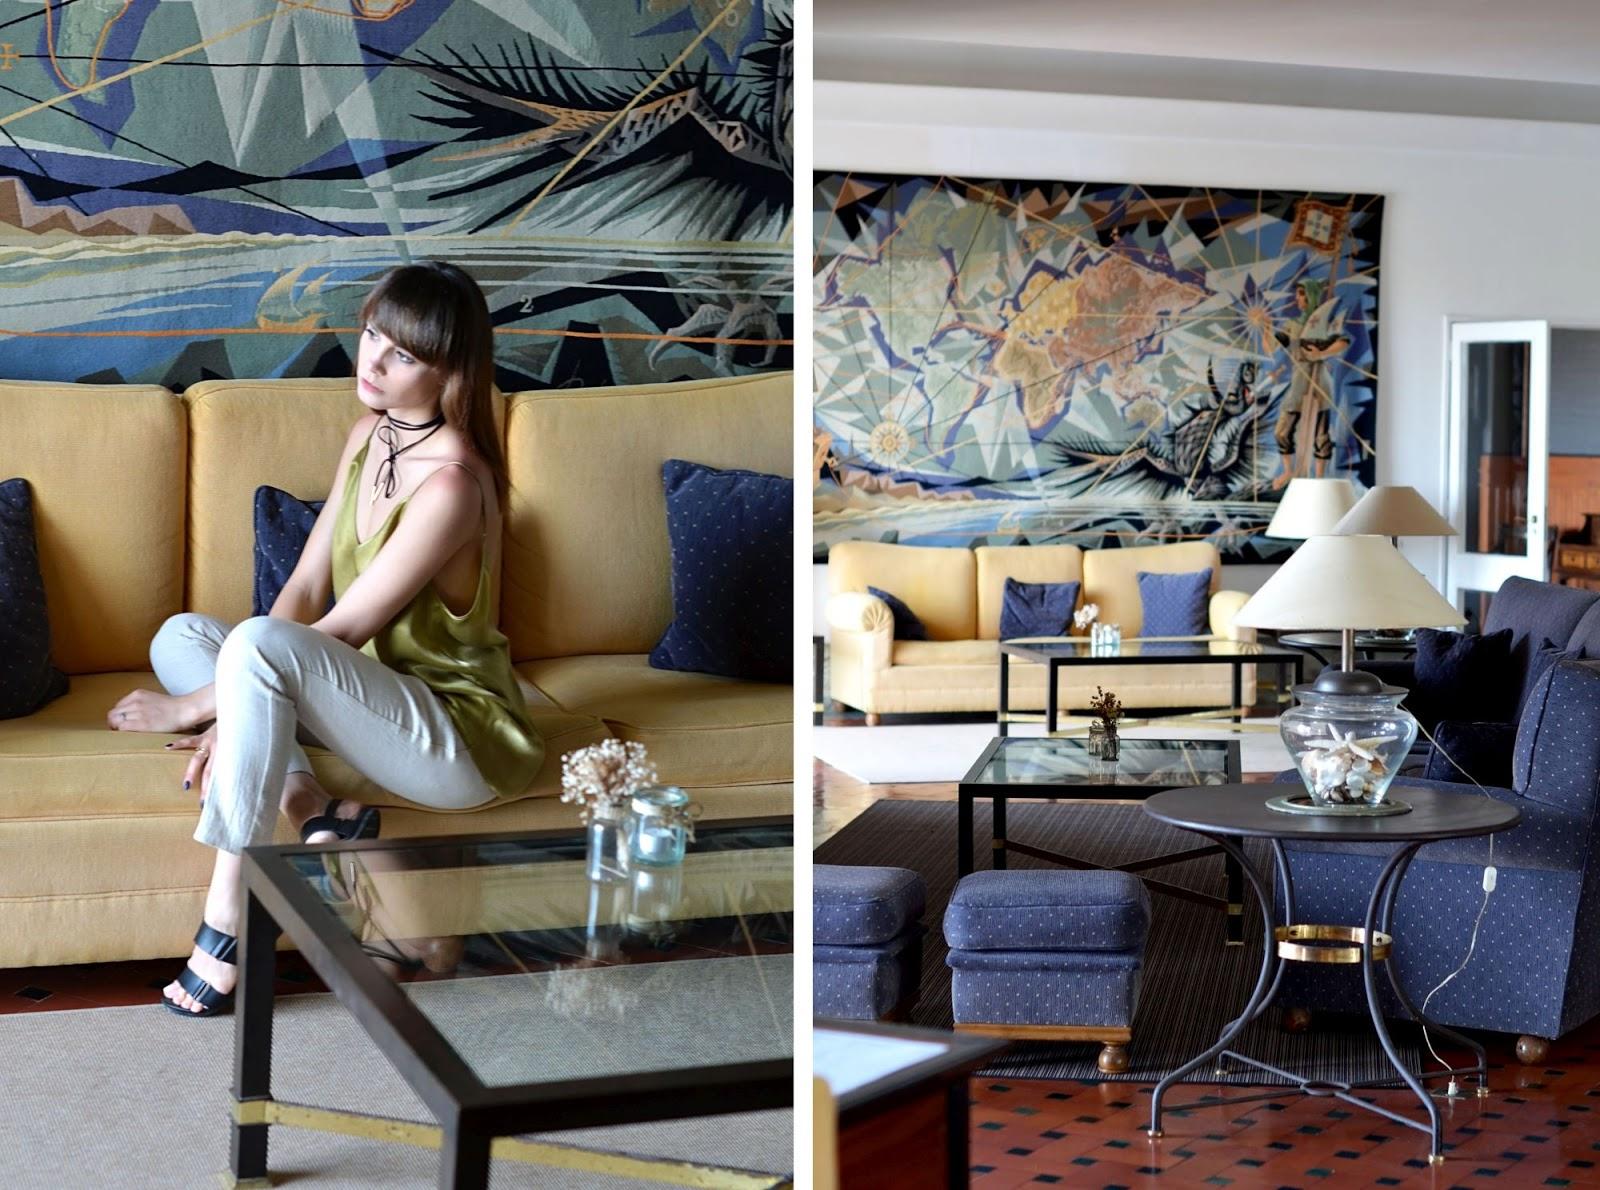 blog o modzie | blogerka modowa | cammy blog | strefa komfortu | strach ma wielkie oczy